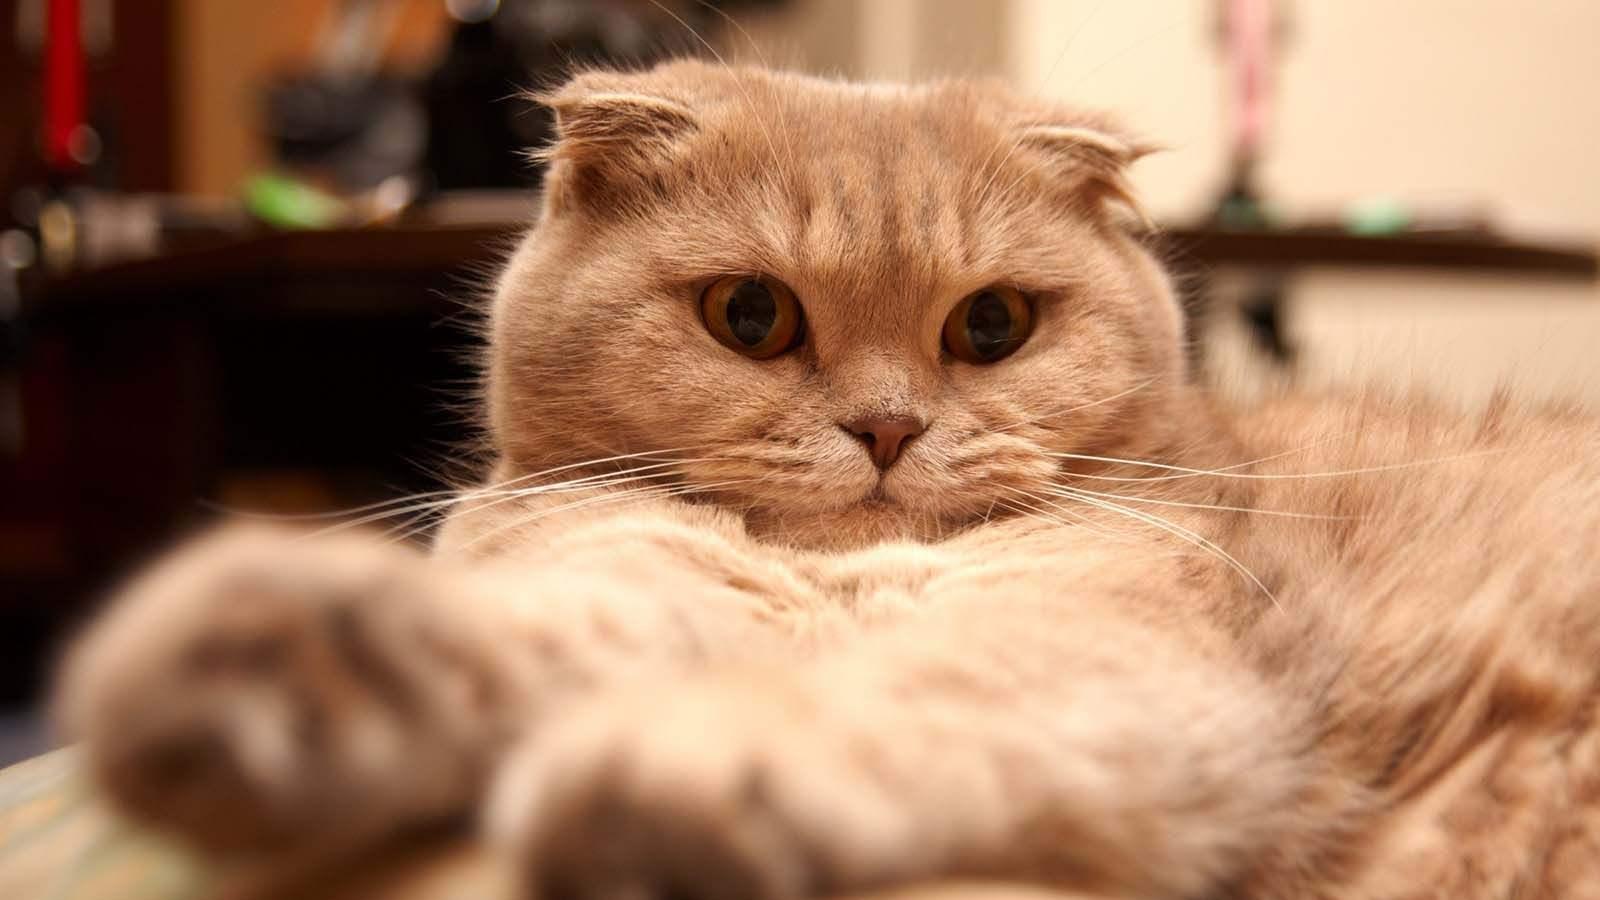 落樱缤纷日,驱虫正当时,史上最全的猫咪驱虫知识大全